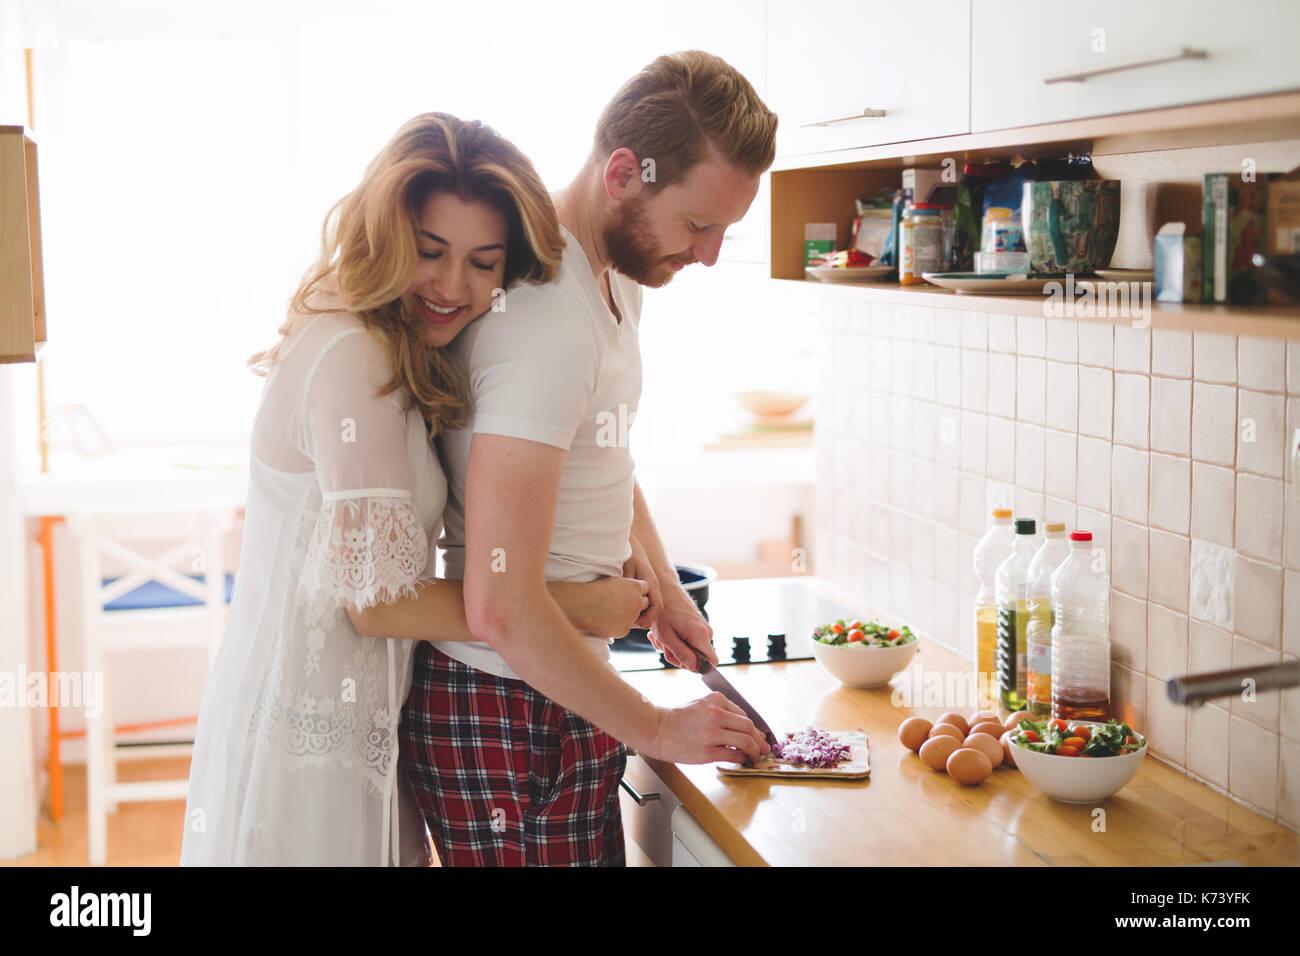 Couple romantique speding de temps ensemble dans la cuisine Photo Stock